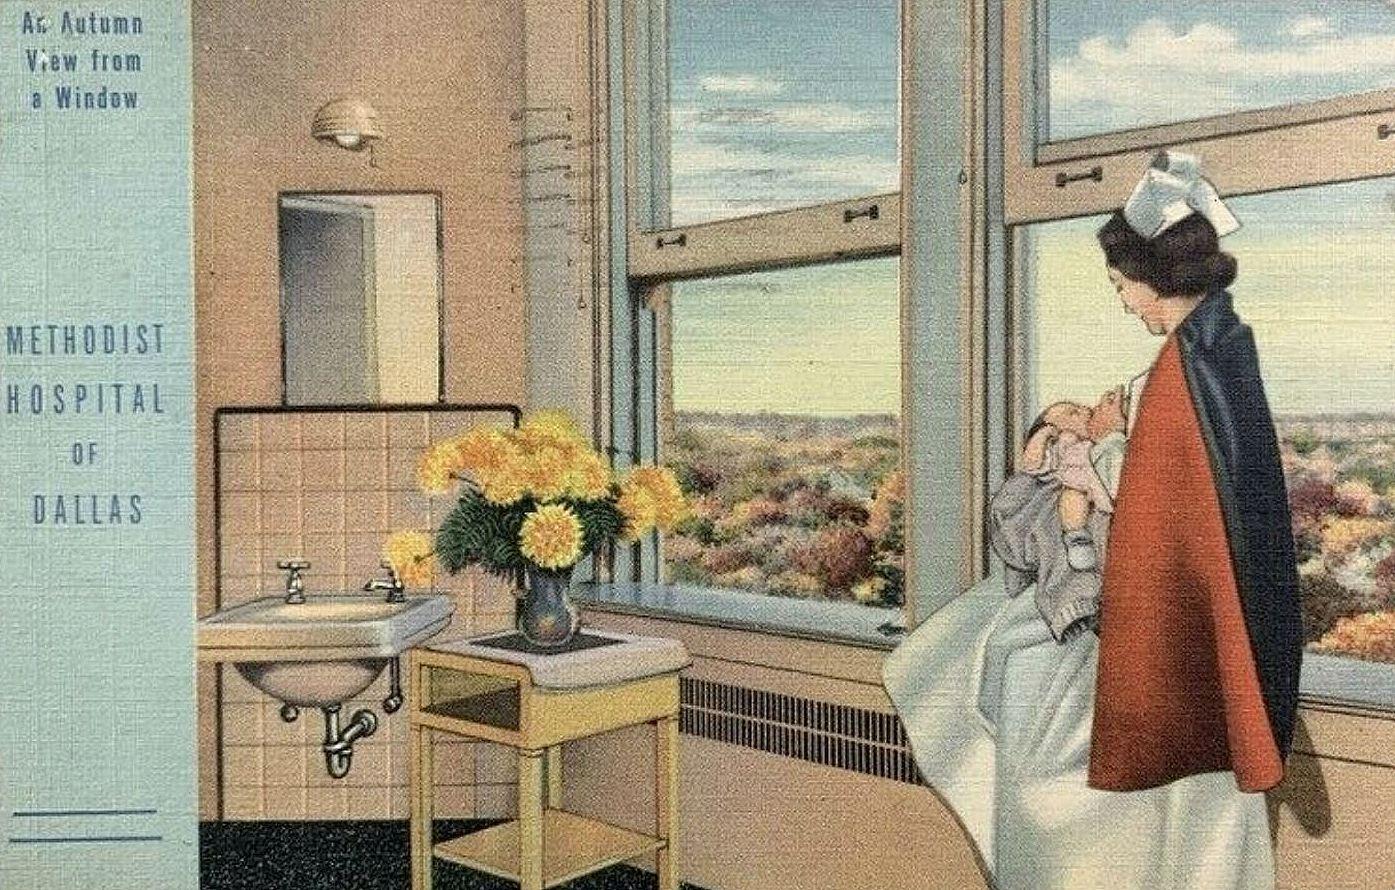 methodist-hospital_postcard_1944_ebay